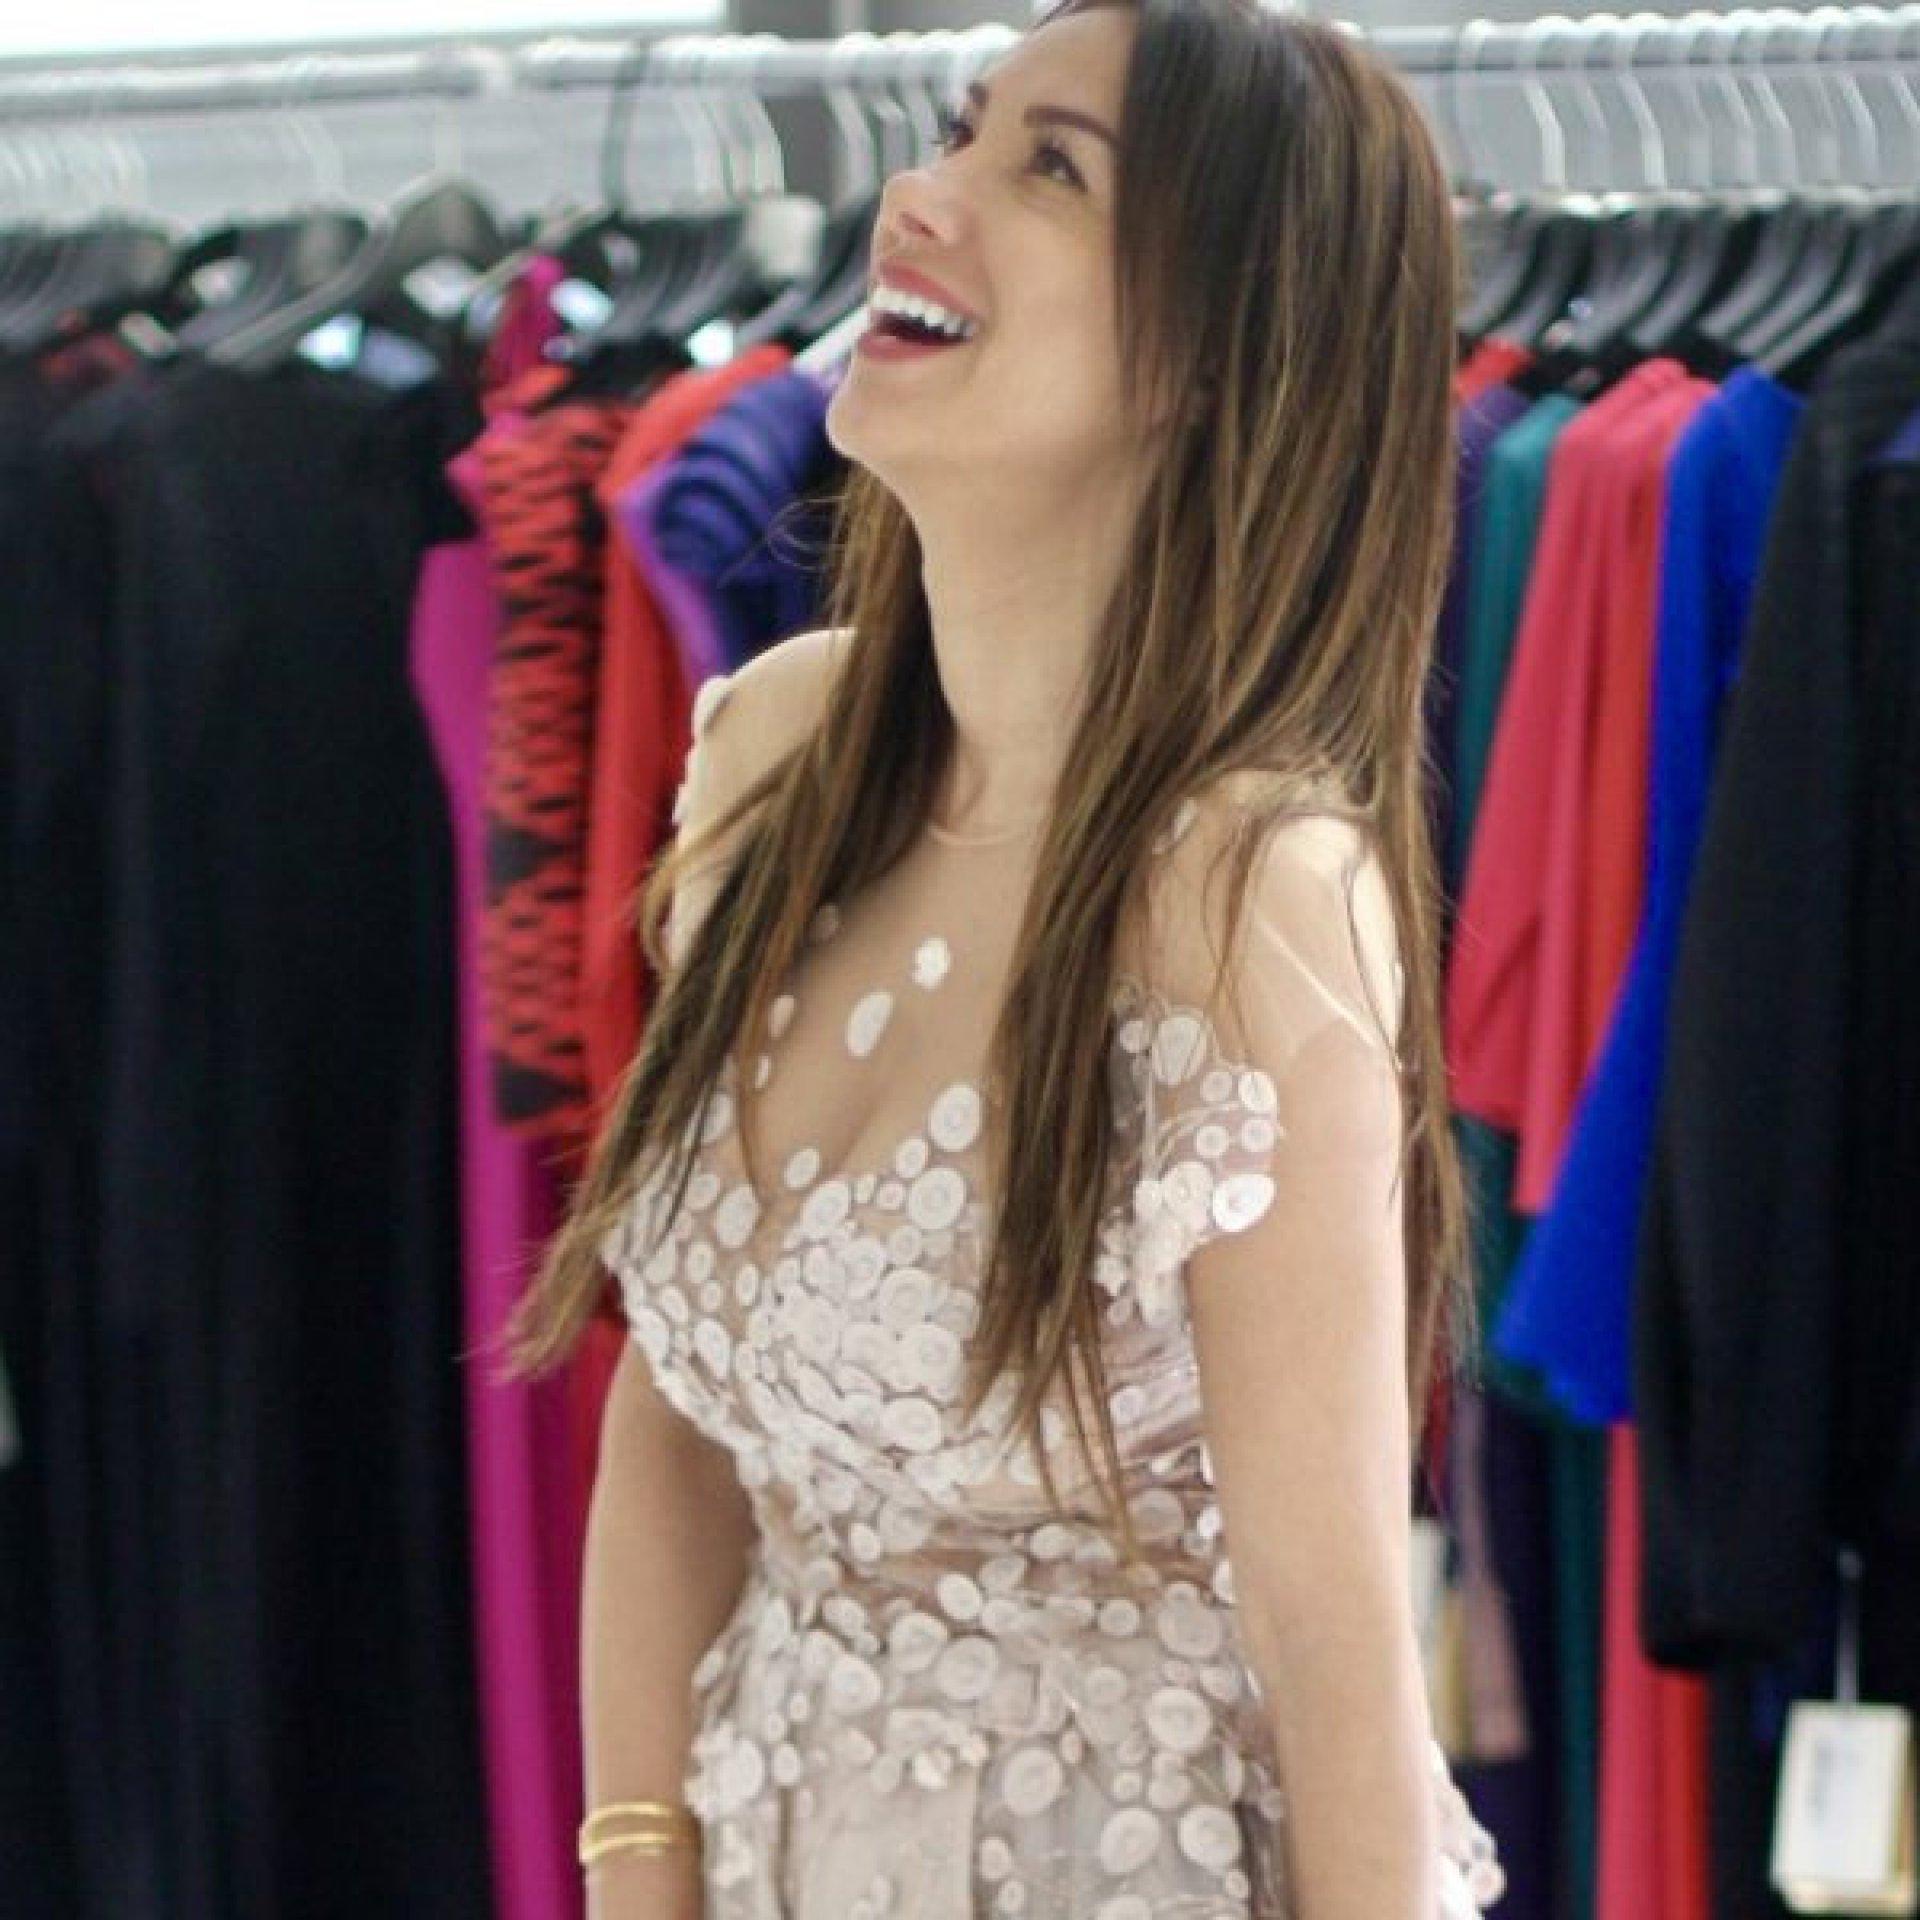 Naz Meknat, West Hollywood Stylist